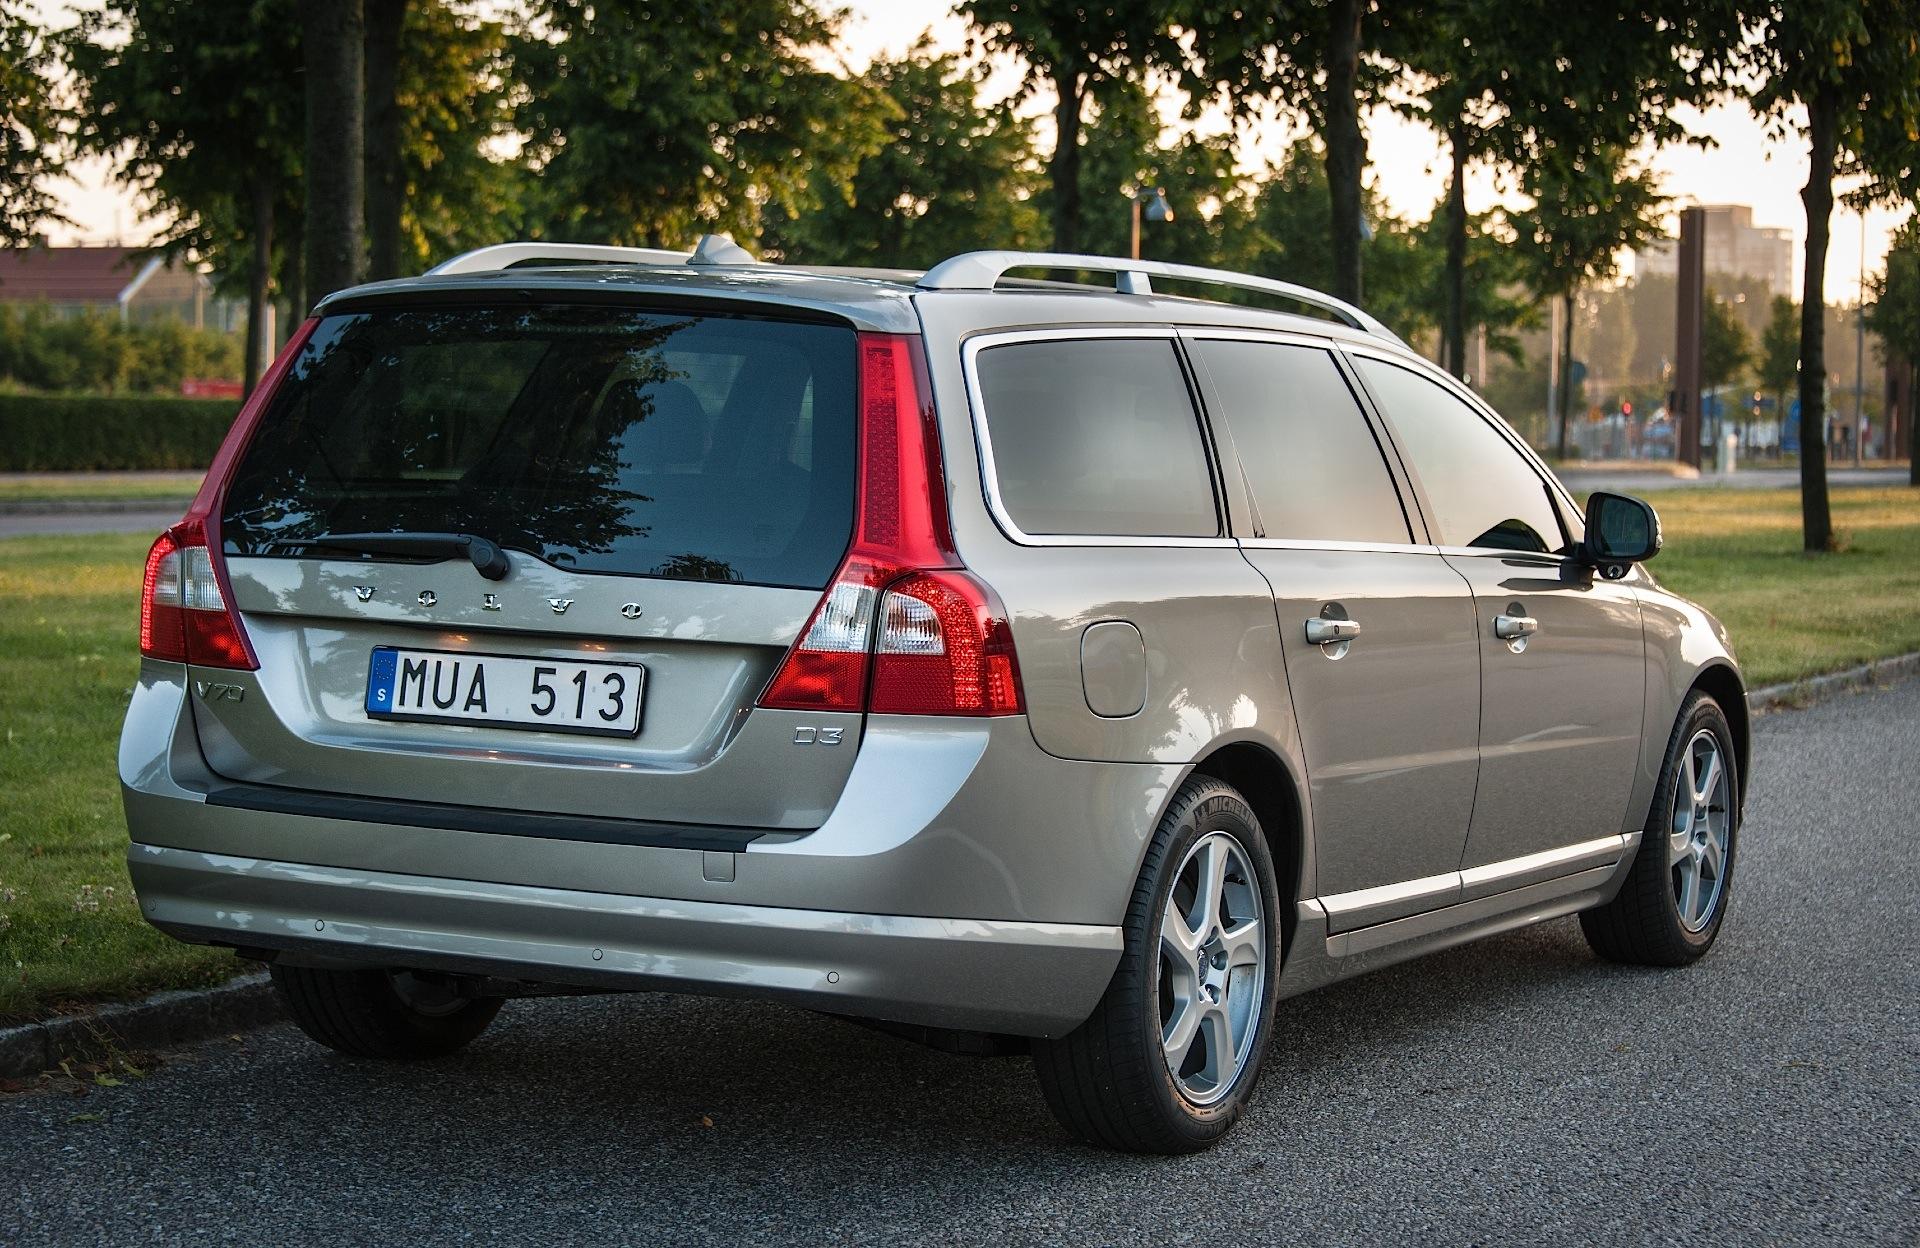 Volvo V70 Specs 2007 2008 2009 2010 2011 2012 2013